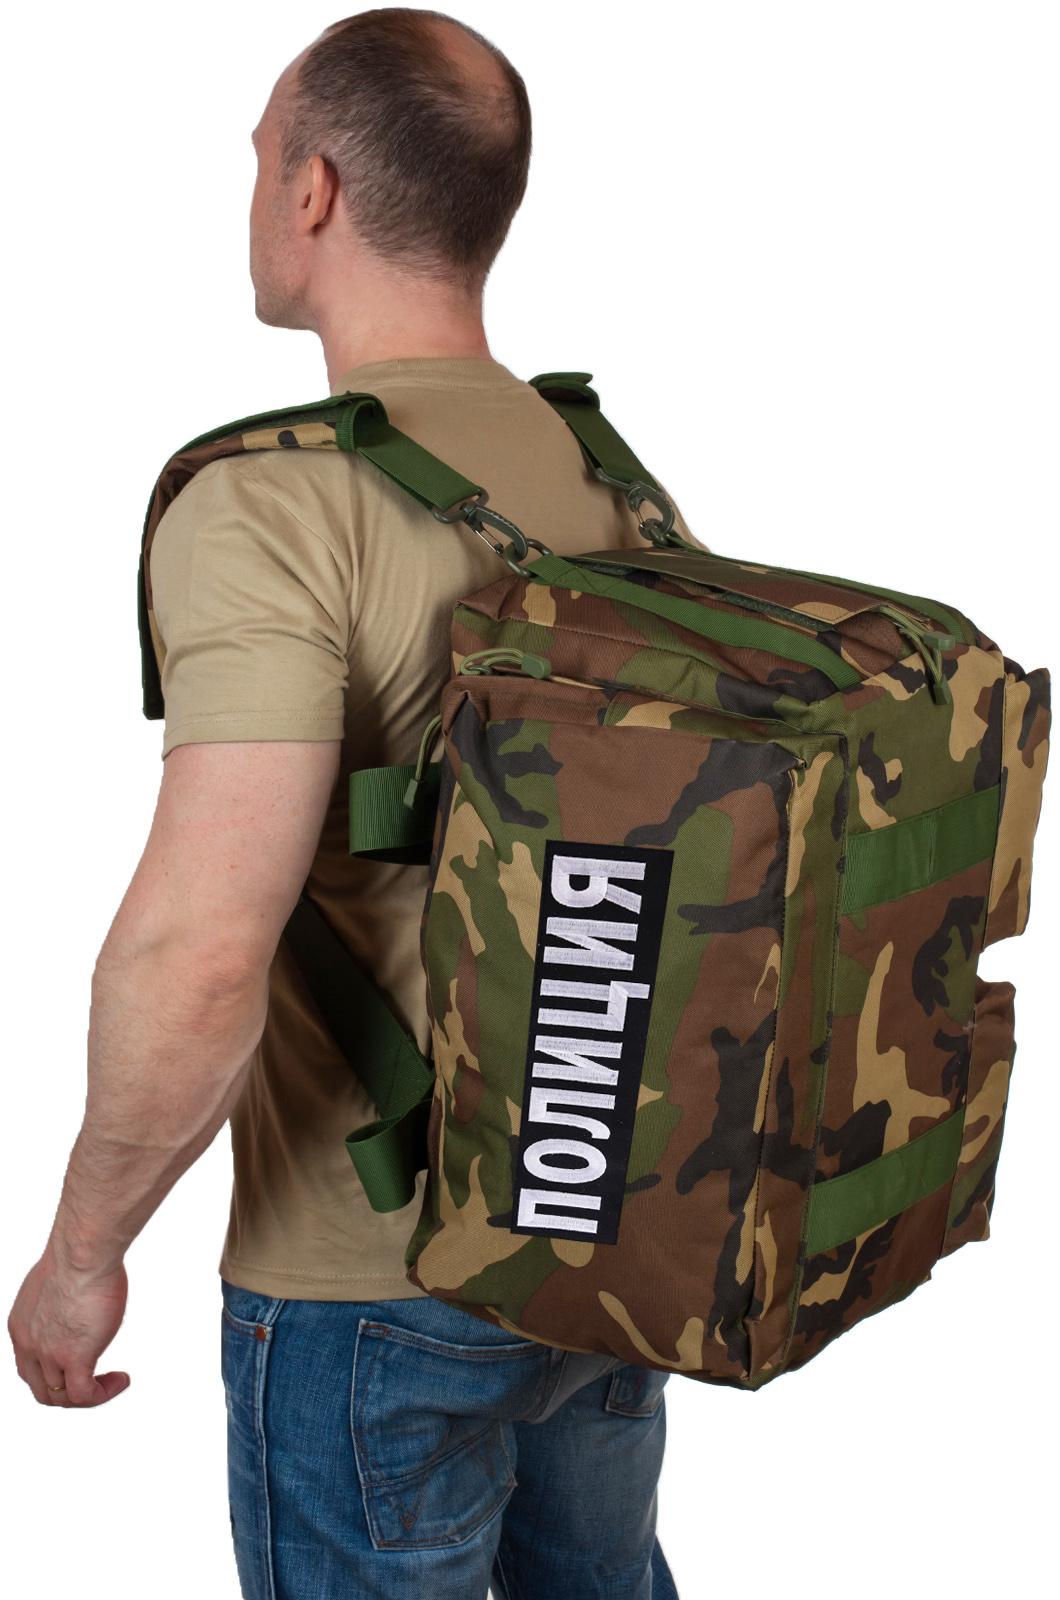 Купить военную дорожную сумку с нашивкой Полиция по низкой цене